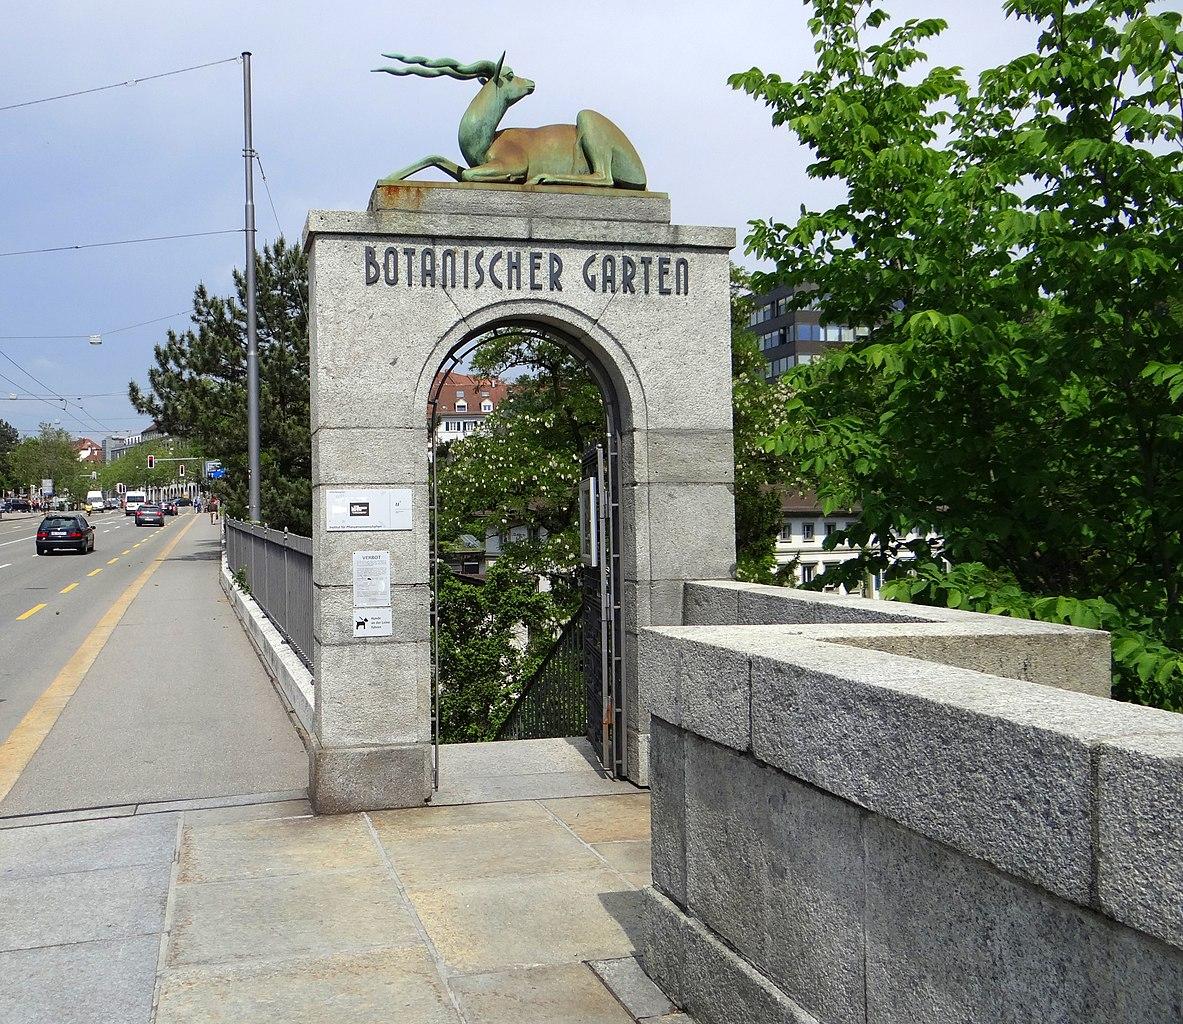 File:Botanischer Garten Bern -Eingang.JPG